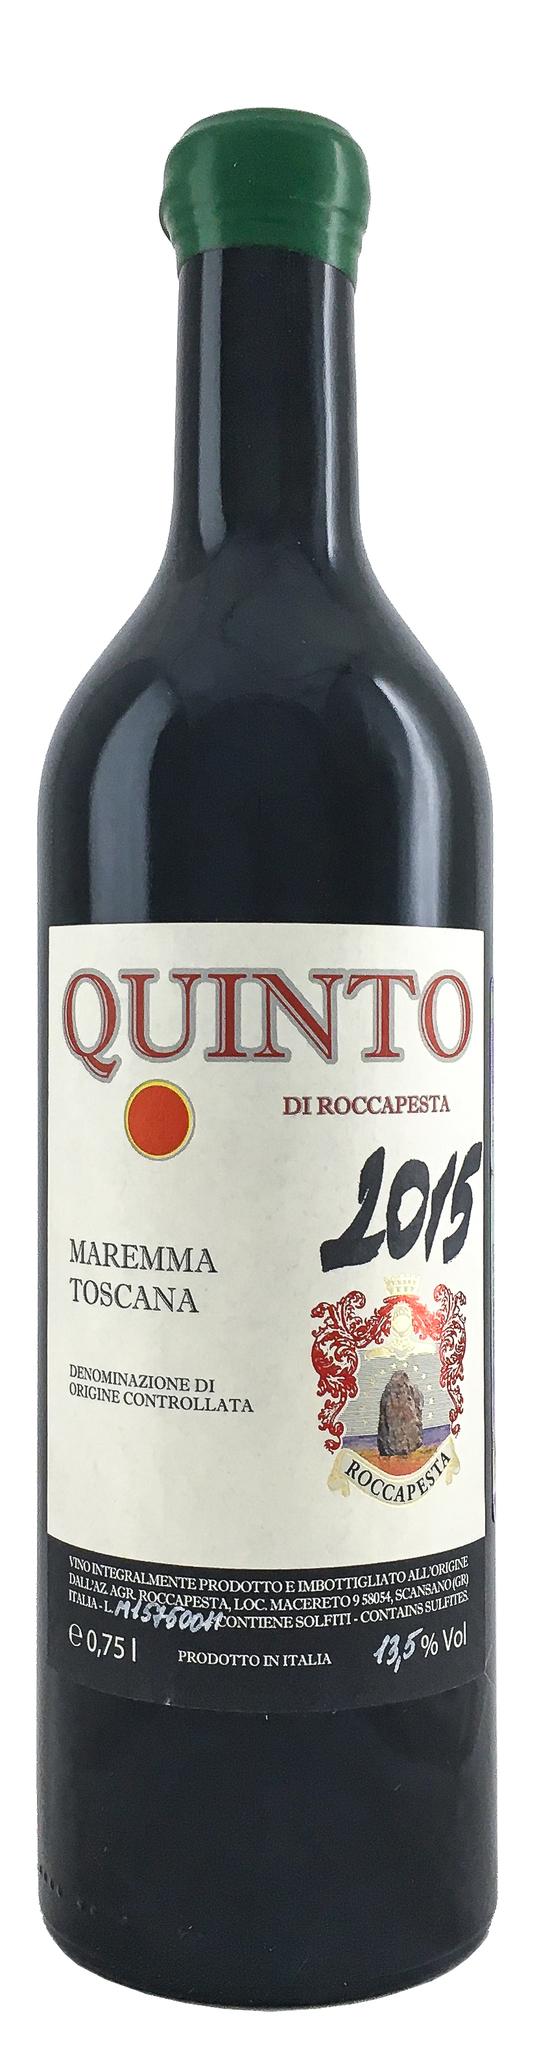 Вино Куинто ди Роккапеста сухое красное з.н.м.п. кат. DOC рег. Тоскана 0,75л.